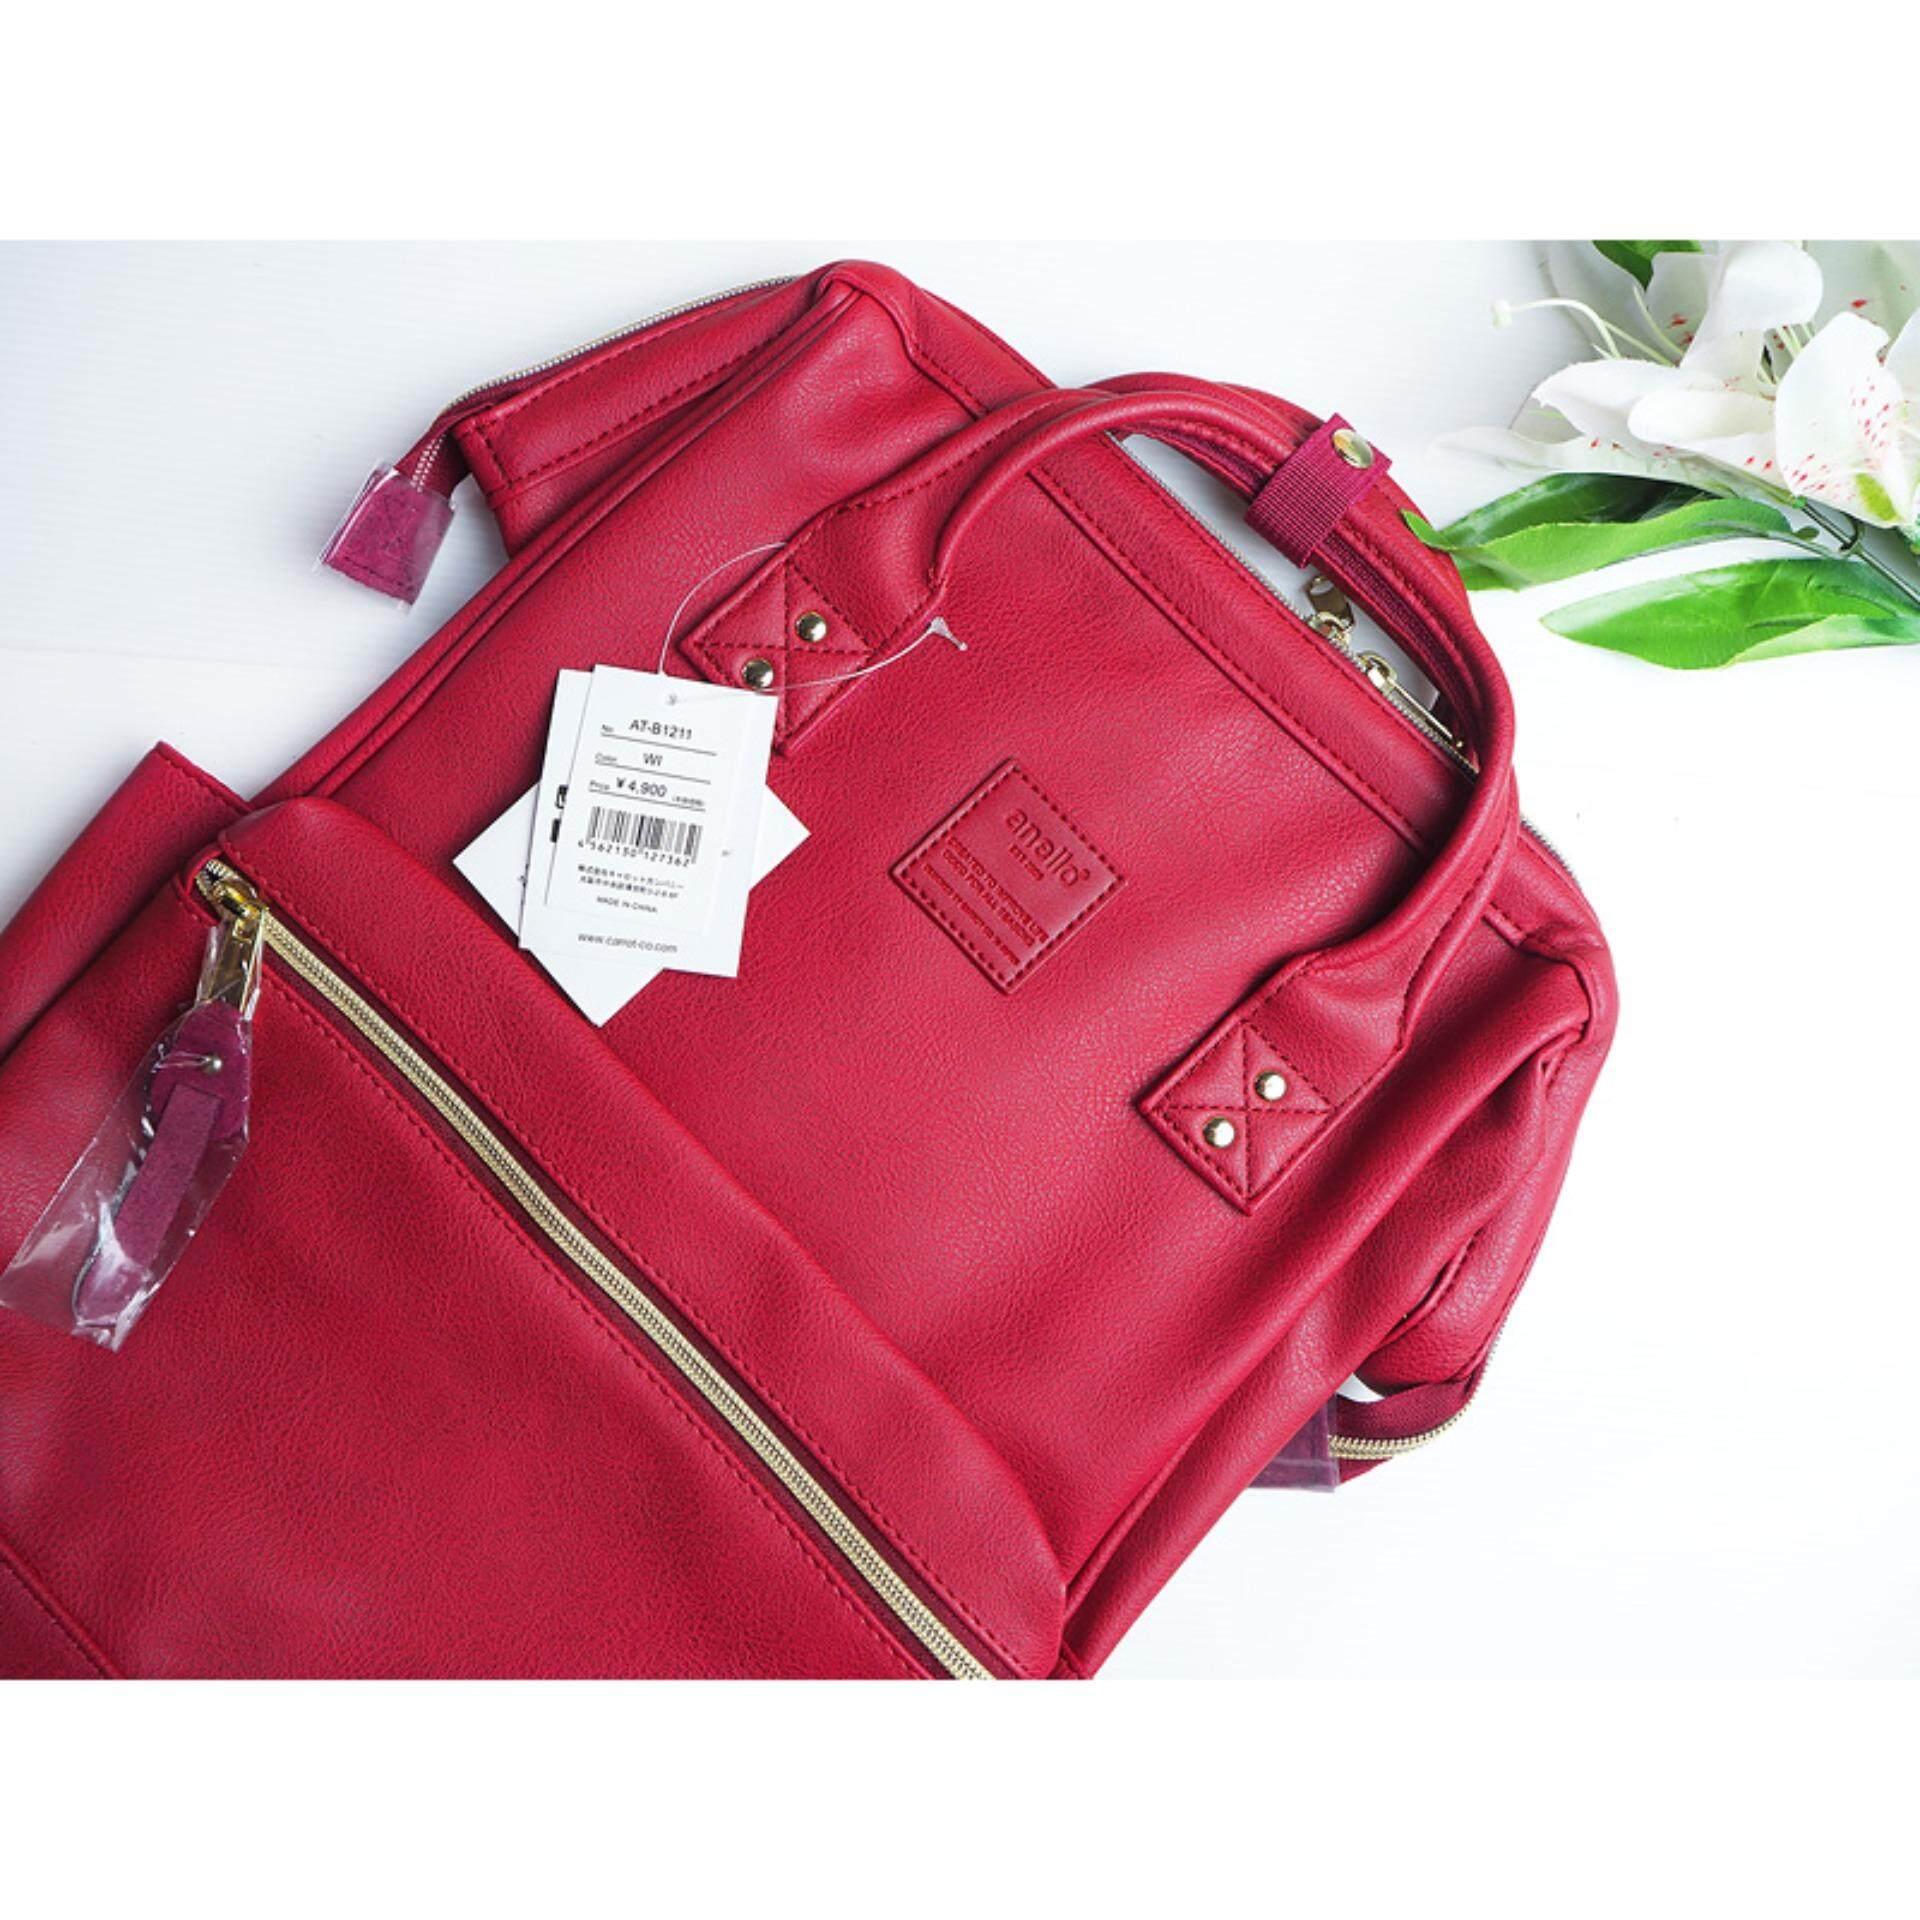 ปัตตานี กระเป๋า Anello PU Backpack Wine (Classic Size) - Japan Imported แท้ 100%